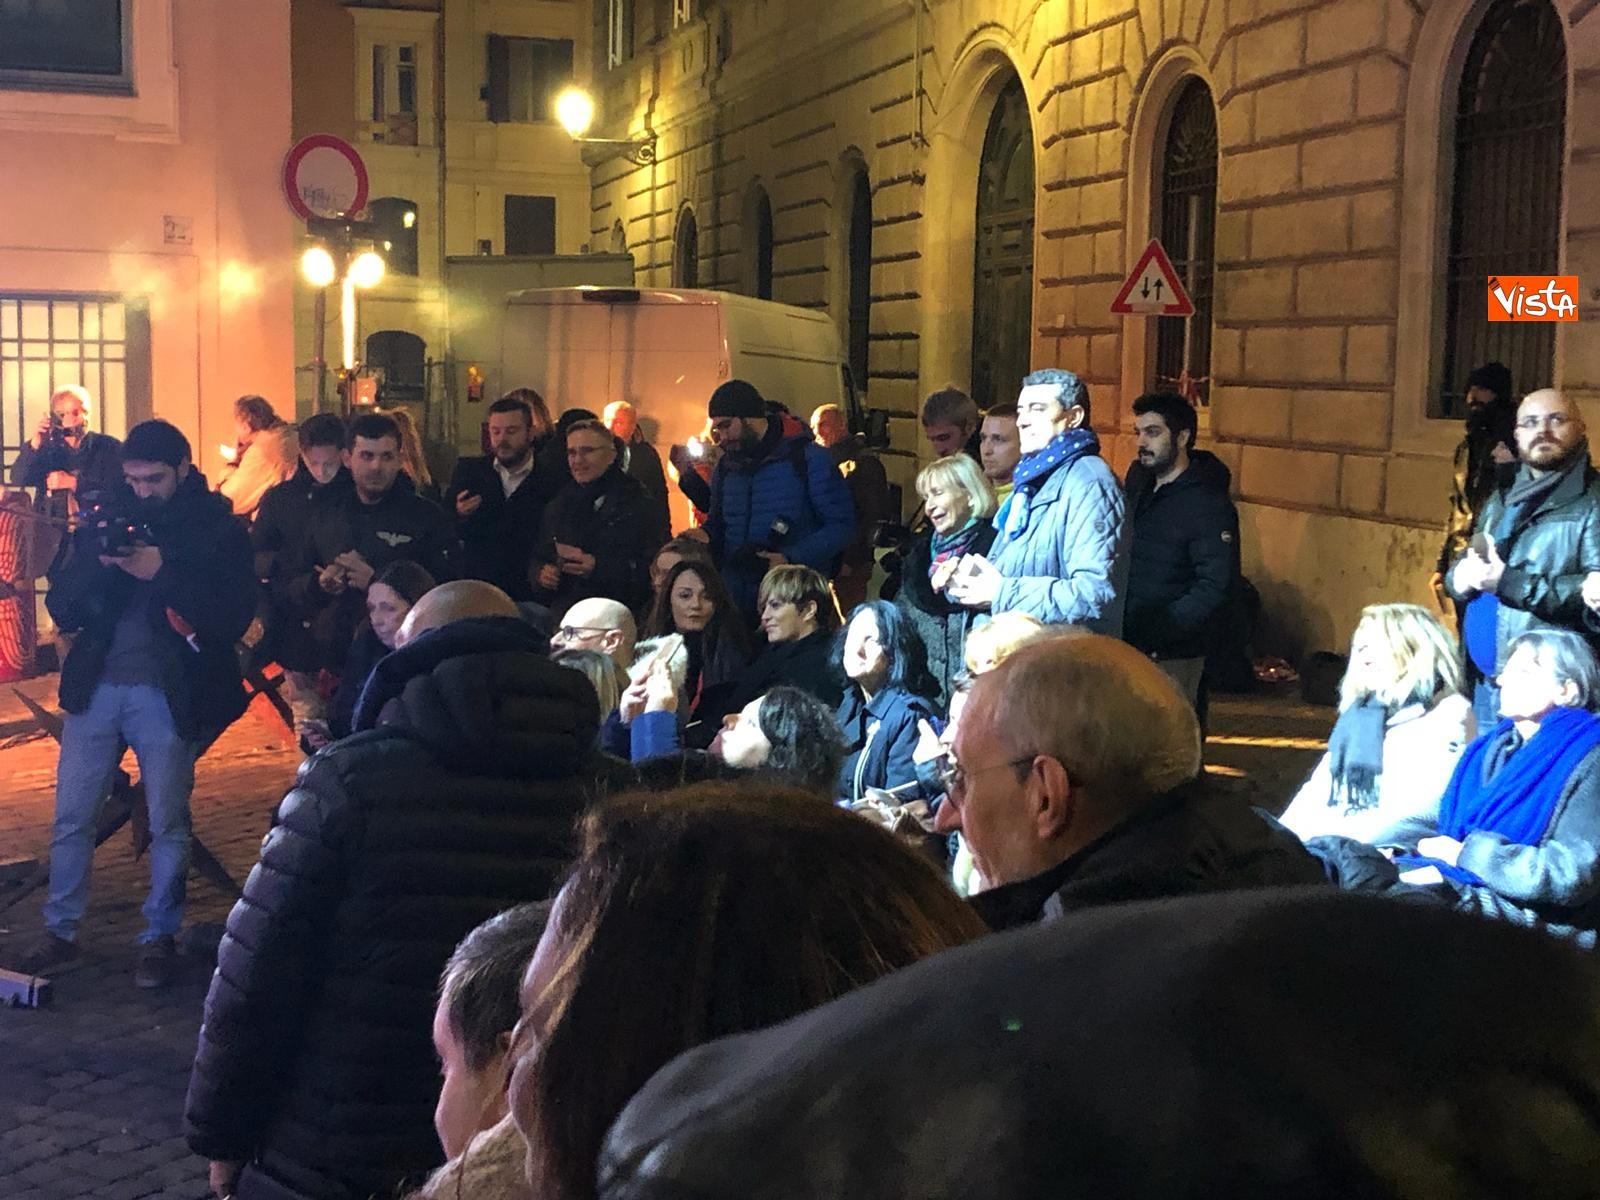 La festa di natale di Fratelli d'Italia, tra prodotti locali e tombolata sovranista